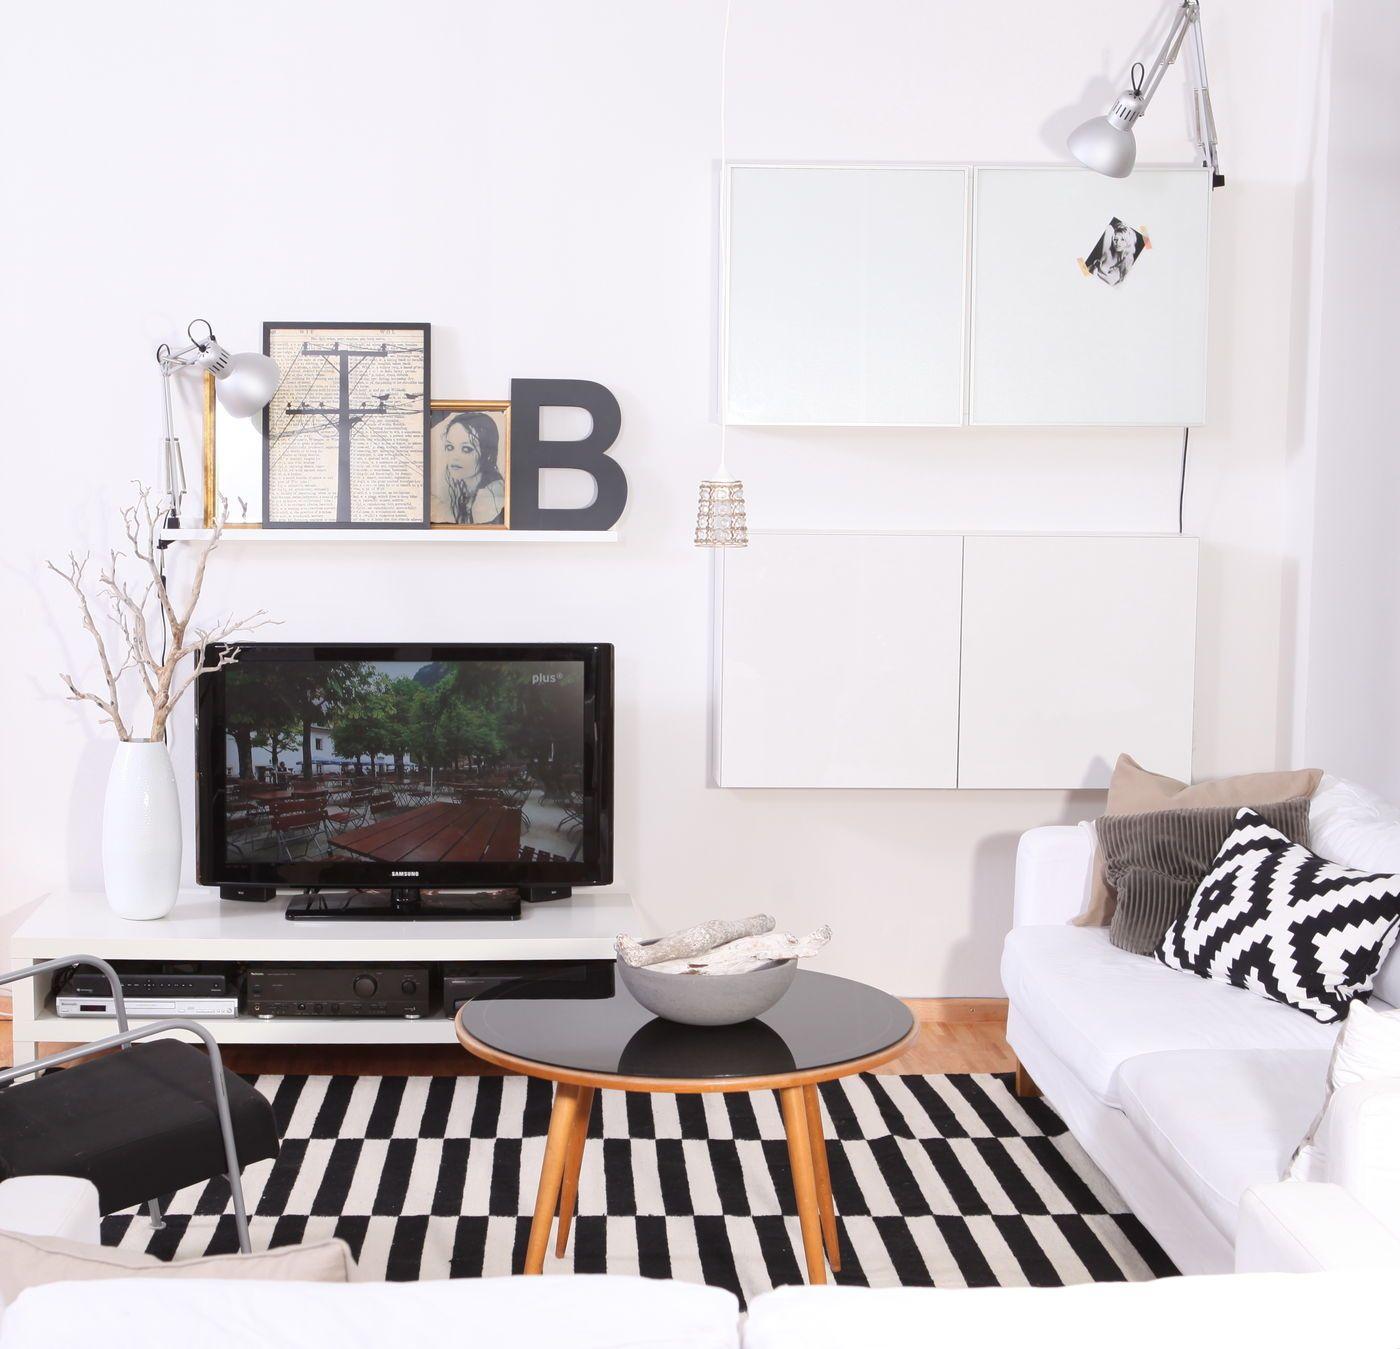 Die besten Ideen für die Wandgestaltung im Wohnzimmer - Seite 22